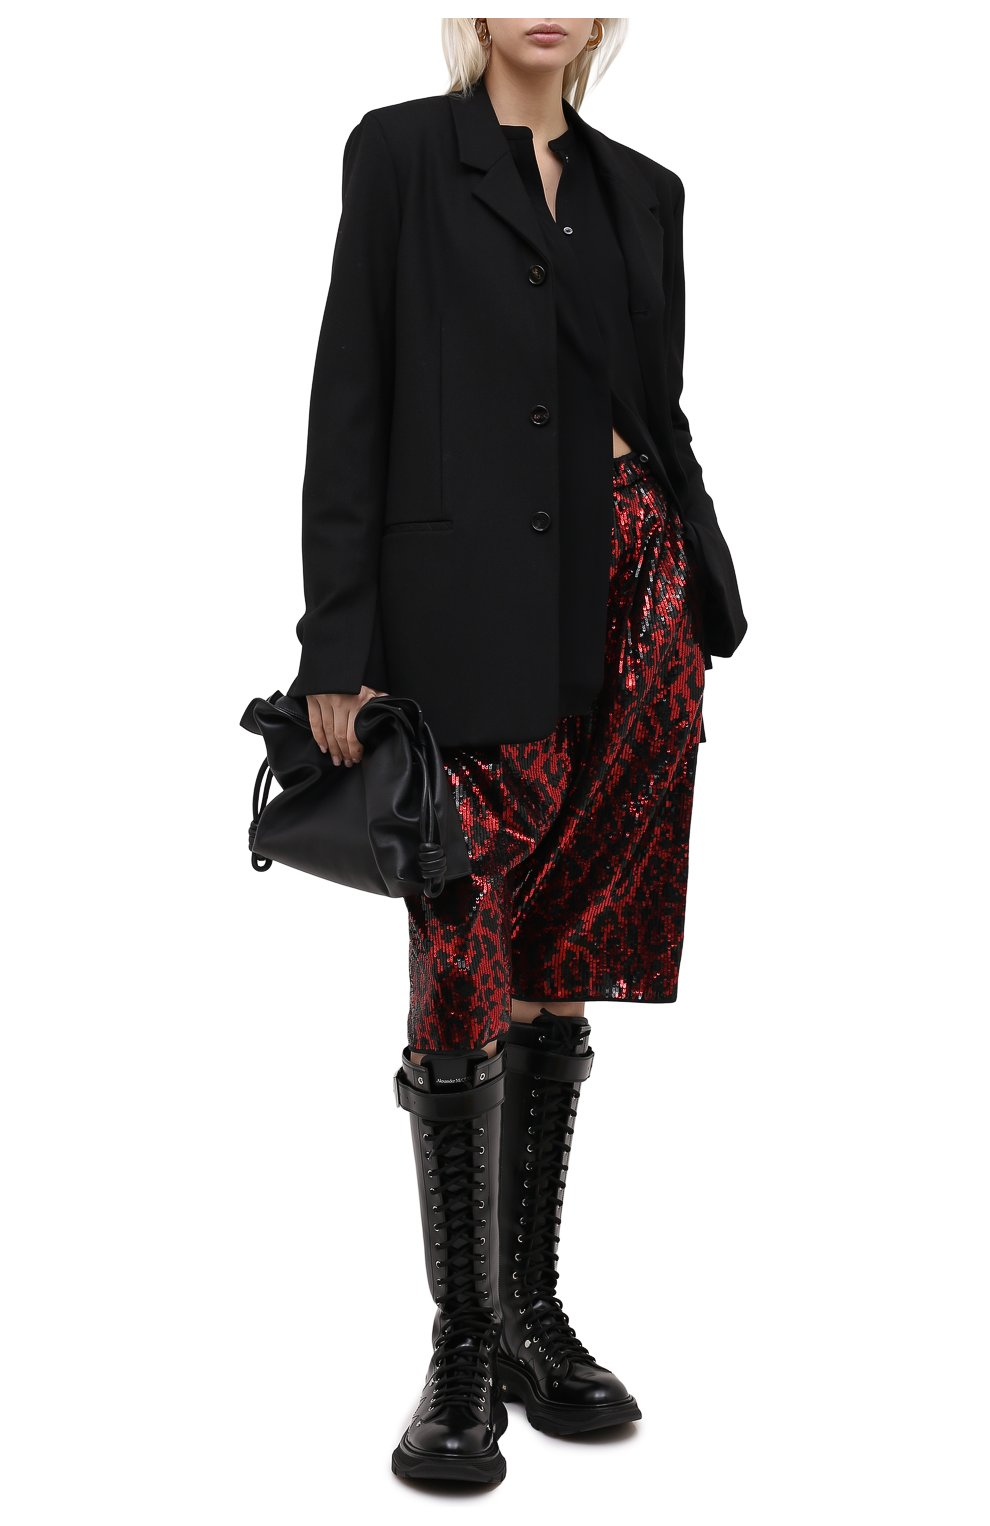 Женские шорты с пайетками N21 красного цвета, арт. 20I N2M0/D011/5A45 | Фото 2 (Женское Кросс-КТ: Шорты-одежда; Стили: Гламурный; Материал внешний: Синтетический материал; Кросс-КТ: Широкие; Длина Ж (юбки, платья, шорты): До колена)